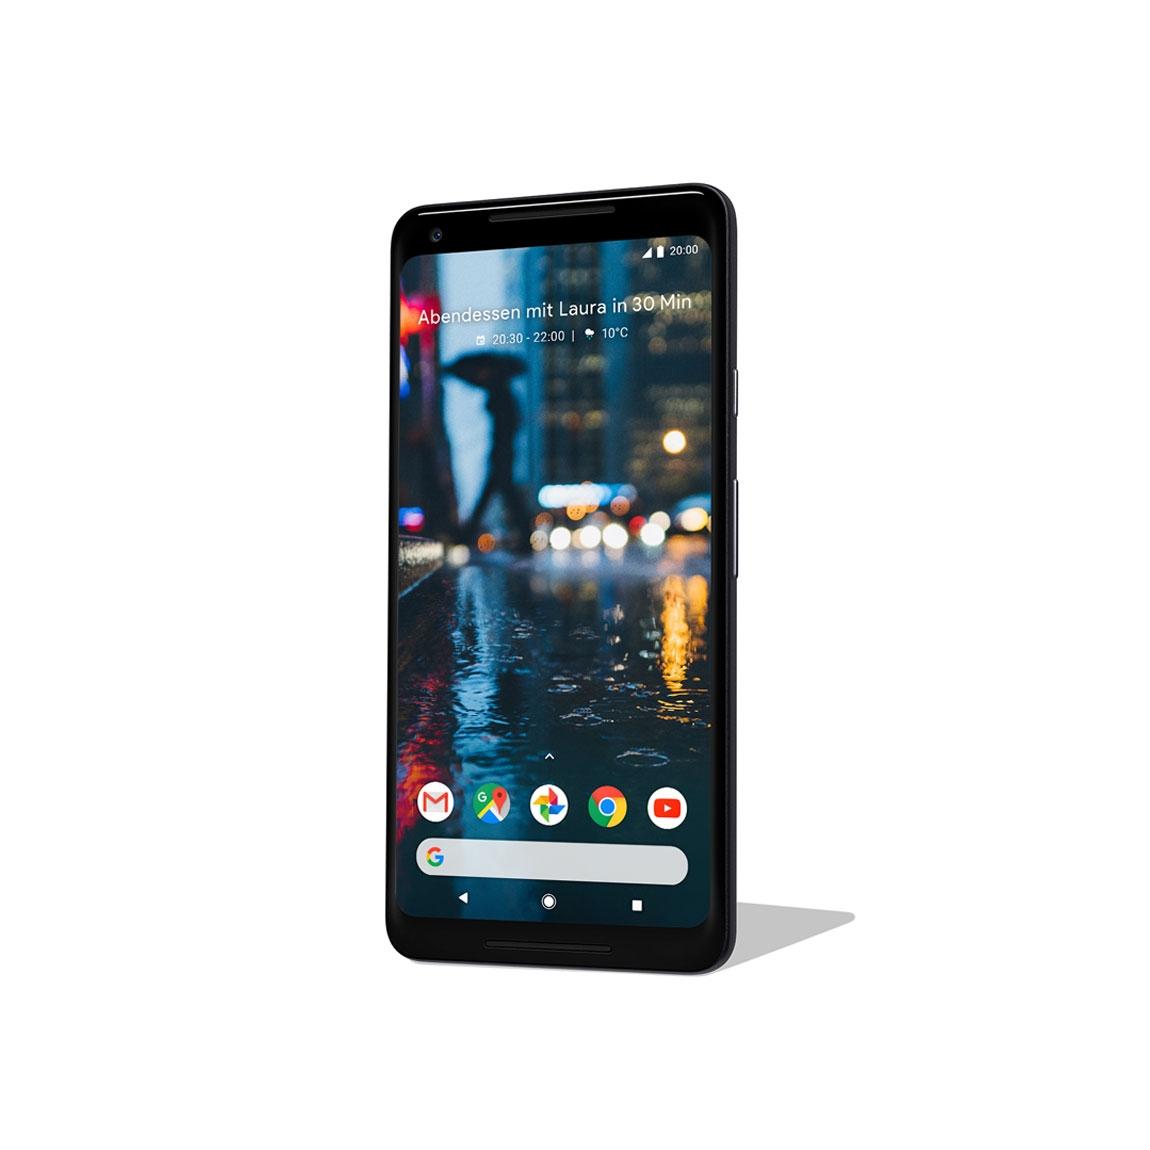 Tink.de: Google Pixel 2 XL, 128GB